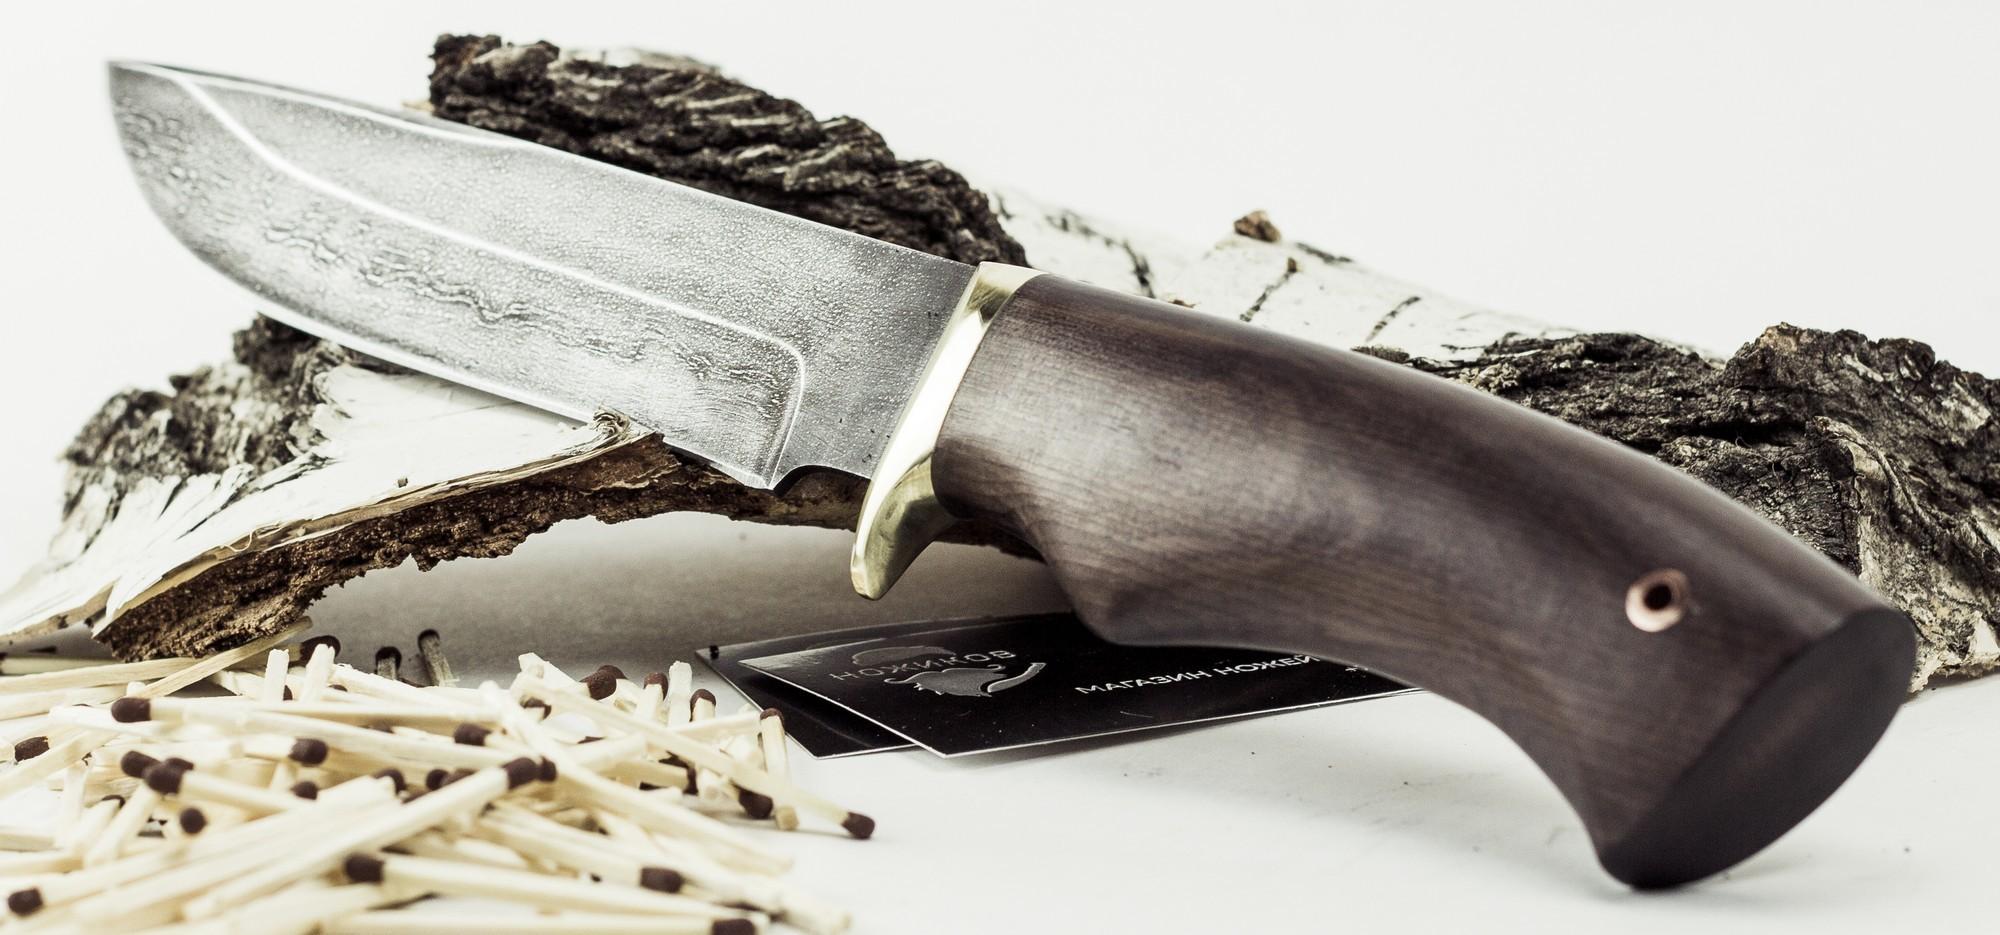 Фото 3 - Нож Викинг-2, ХВ5 от Промтехснаб